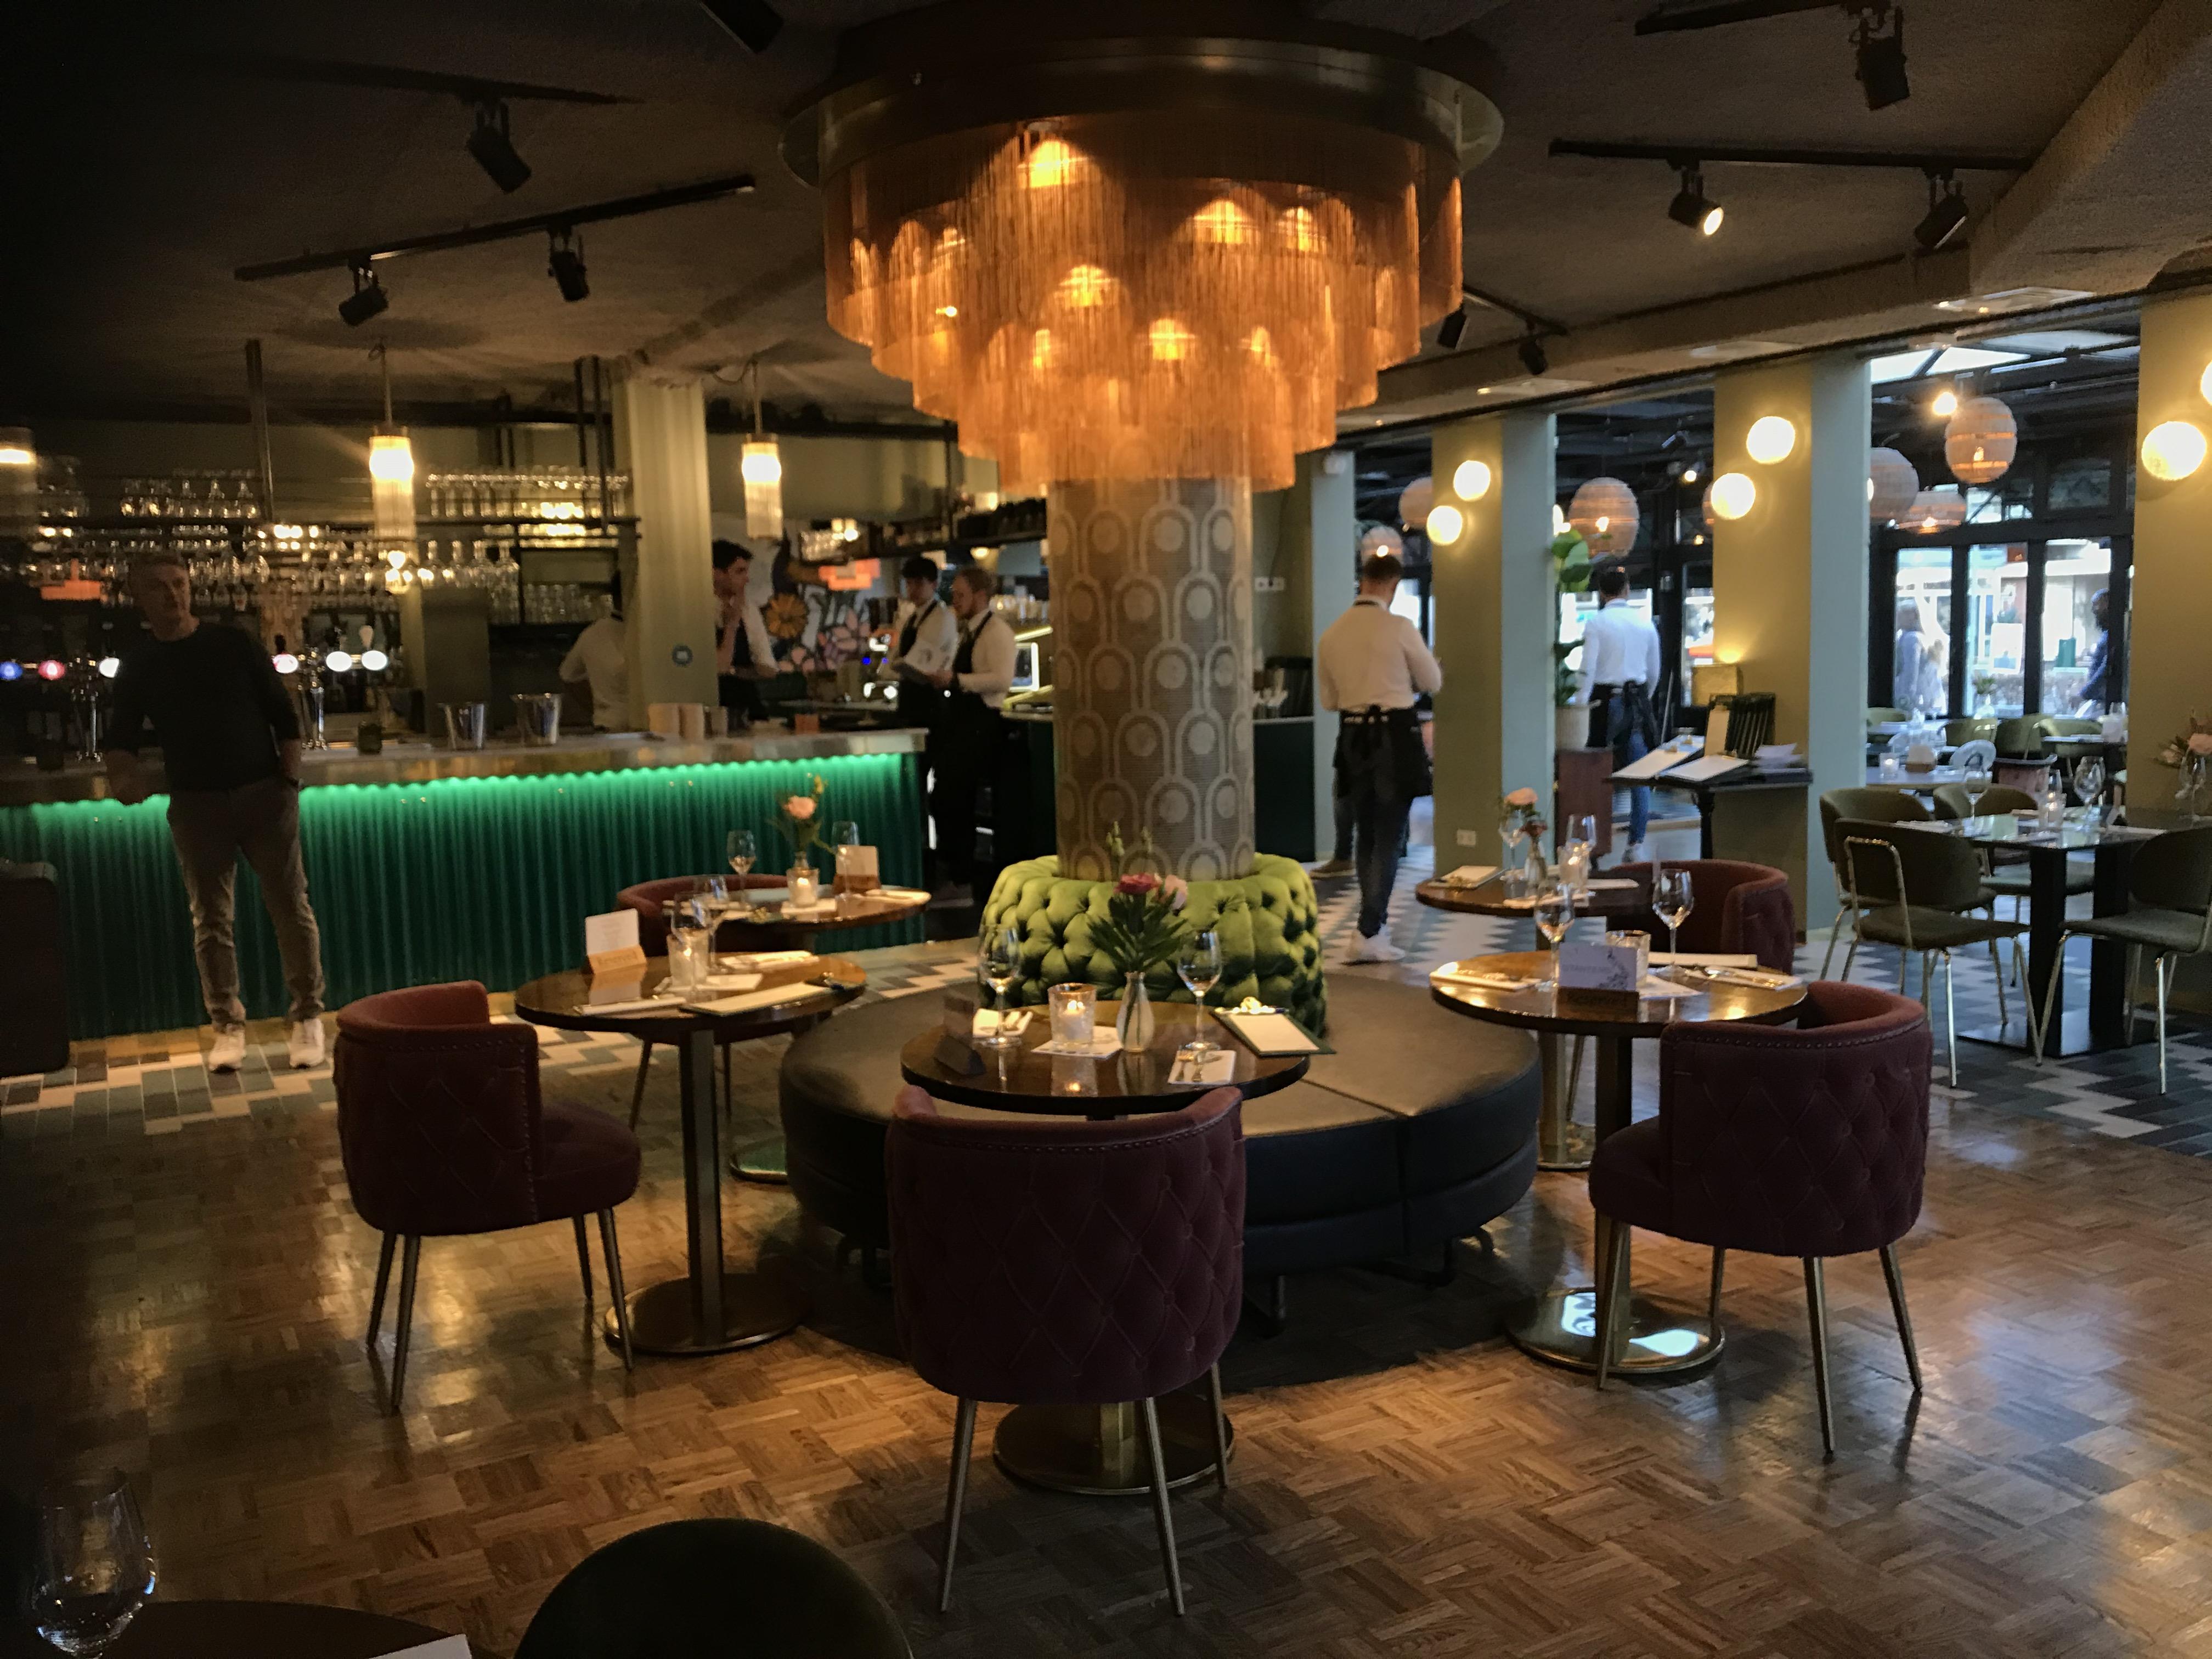 Restaurant in Bergen